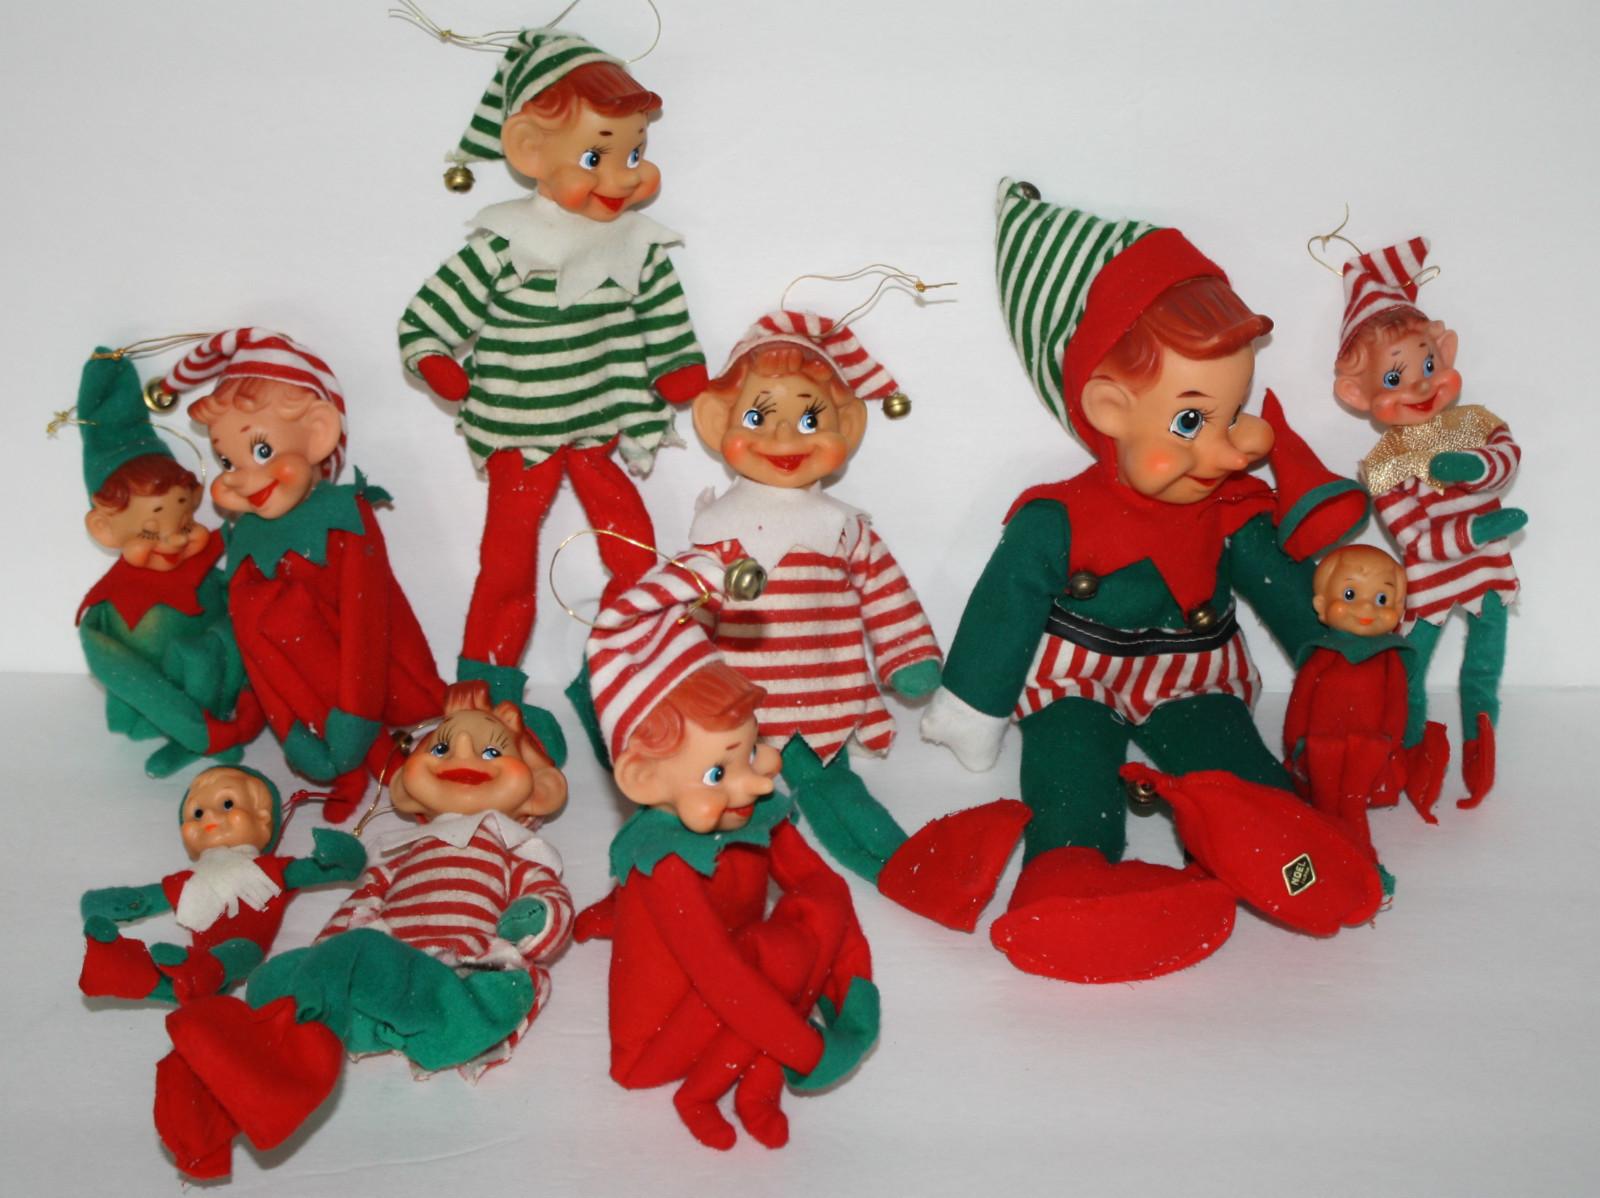 Vintage Goodness 1.0: Vintage knee hugger elves for Elf on the Shelf!